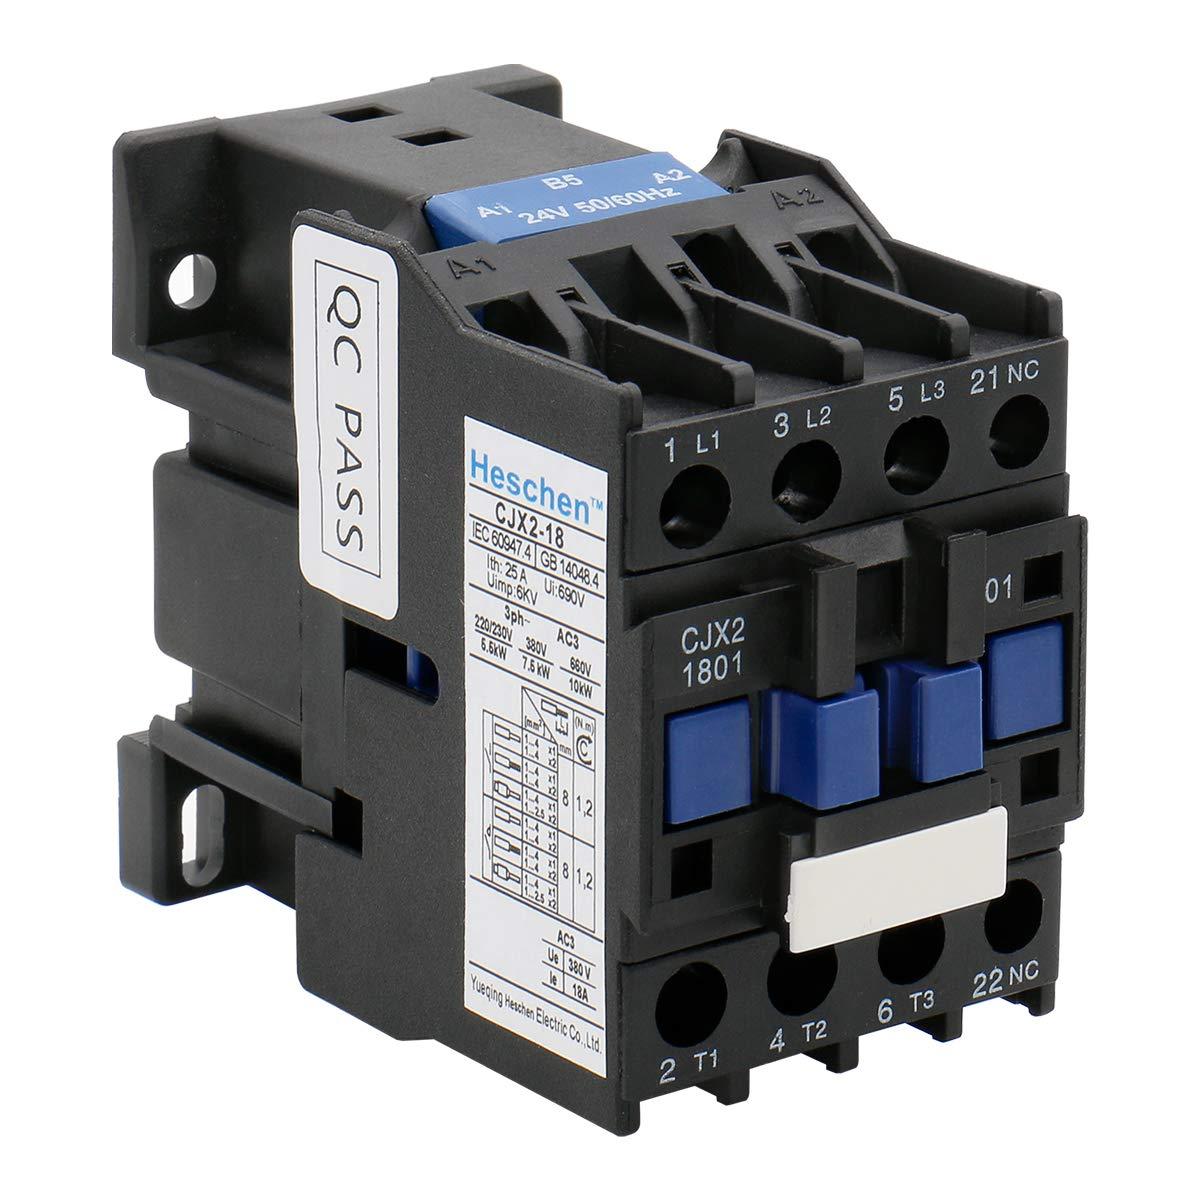 Heschen AC Contactor CJX2-1801 24V 50/60Hz Bobina 3P 3 polos normalmente cerrado Ie 18A Ue 380V